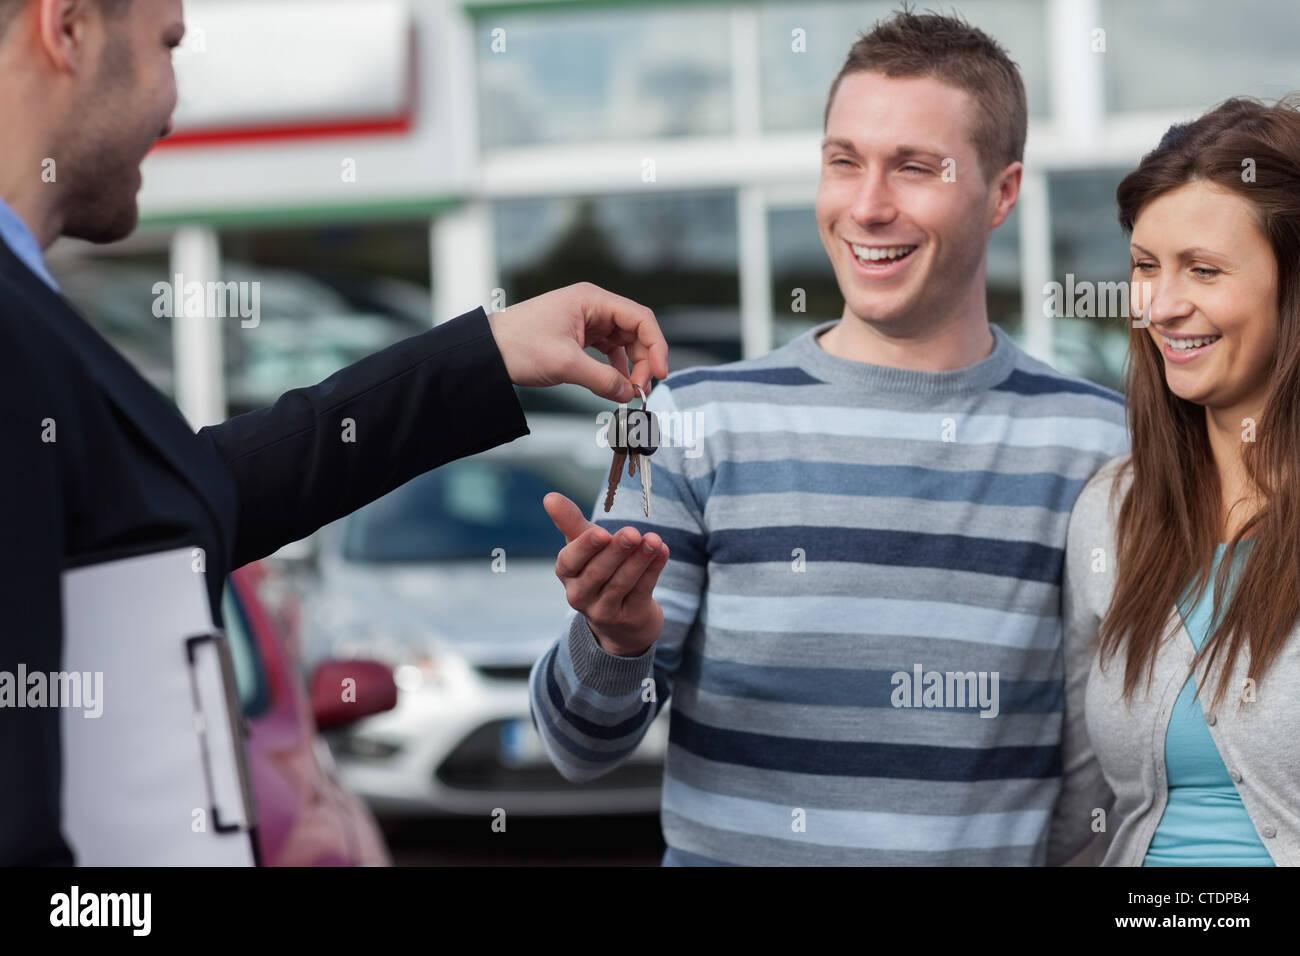 Paar Autoschlüssel von einem Händler erhalten Stockbild